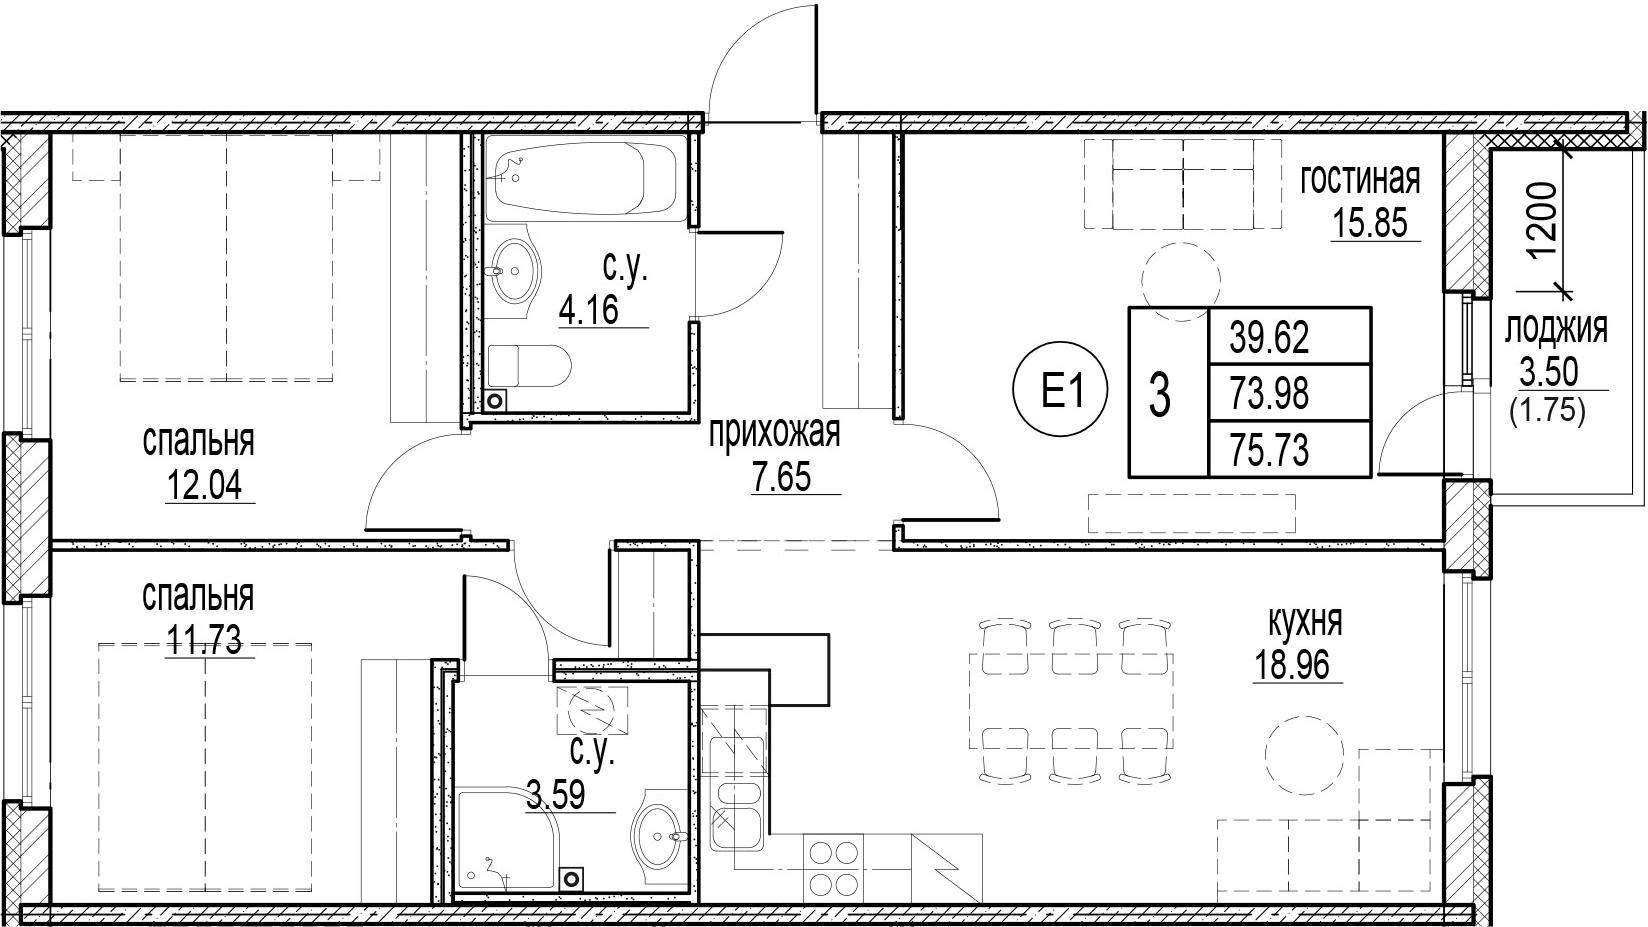 3-комнатная, 75.73 м²– 2